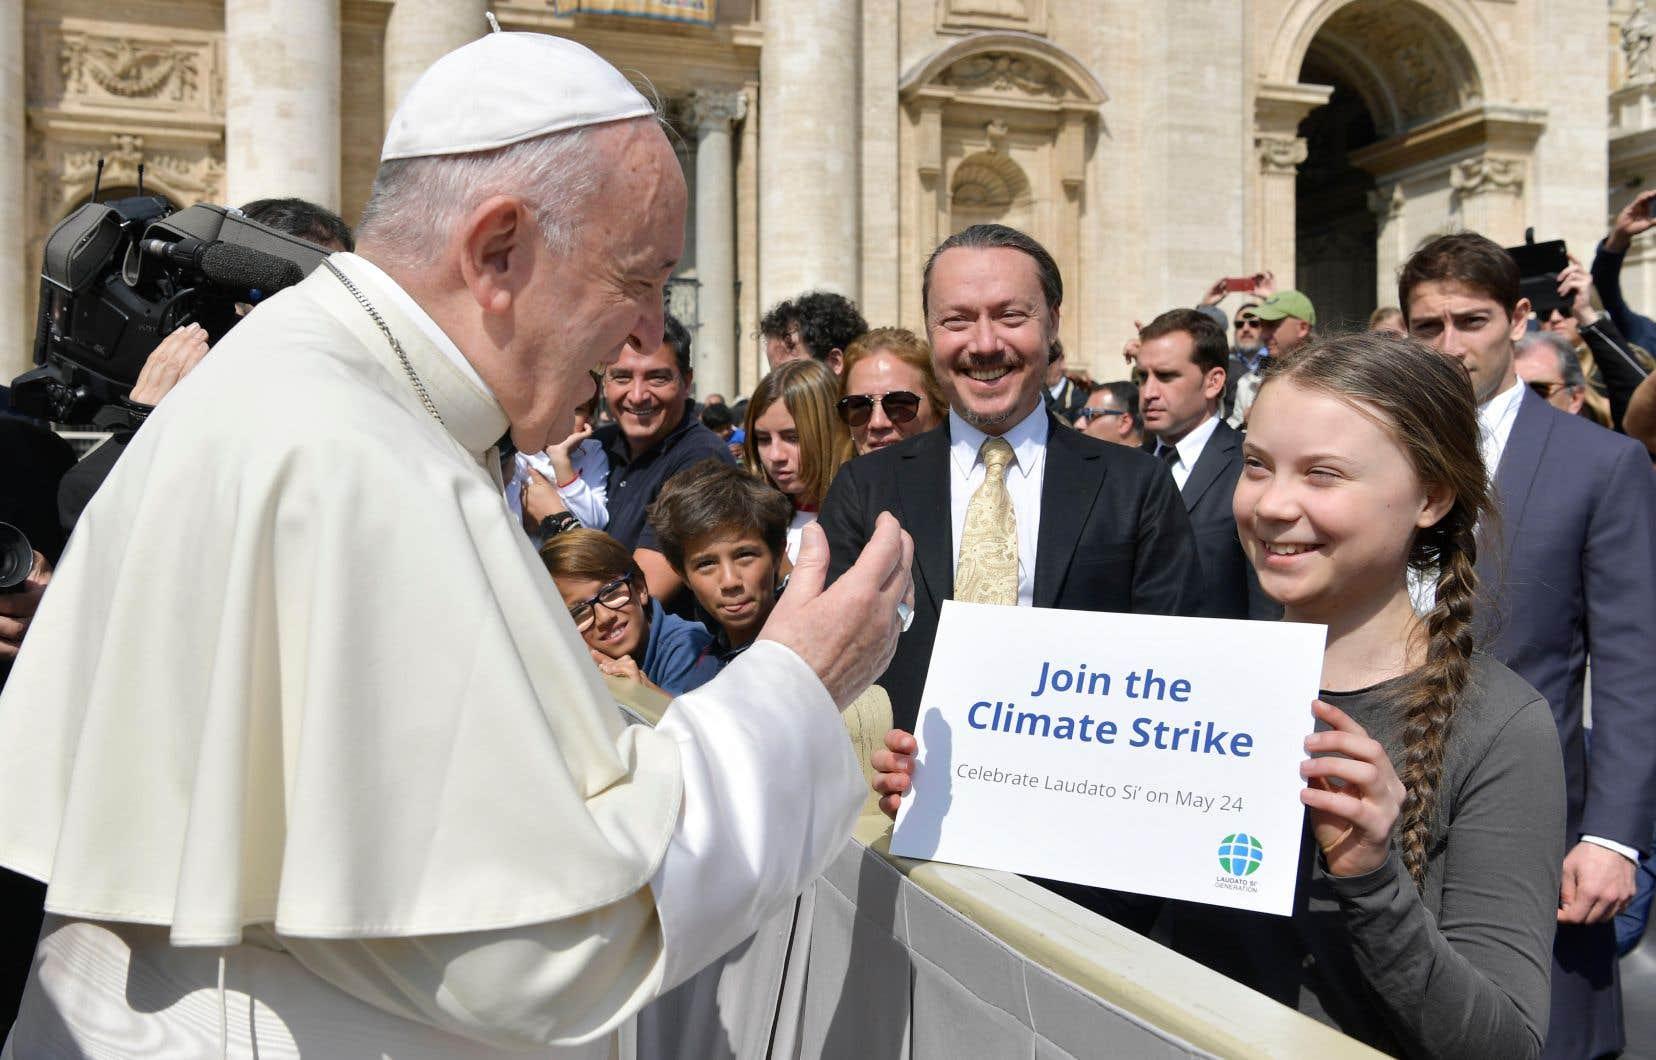 La jeune militante suédoise pour le climat Greta Thunberg et le pape François se sont brièvement rencontrés mercredi au Vatican.